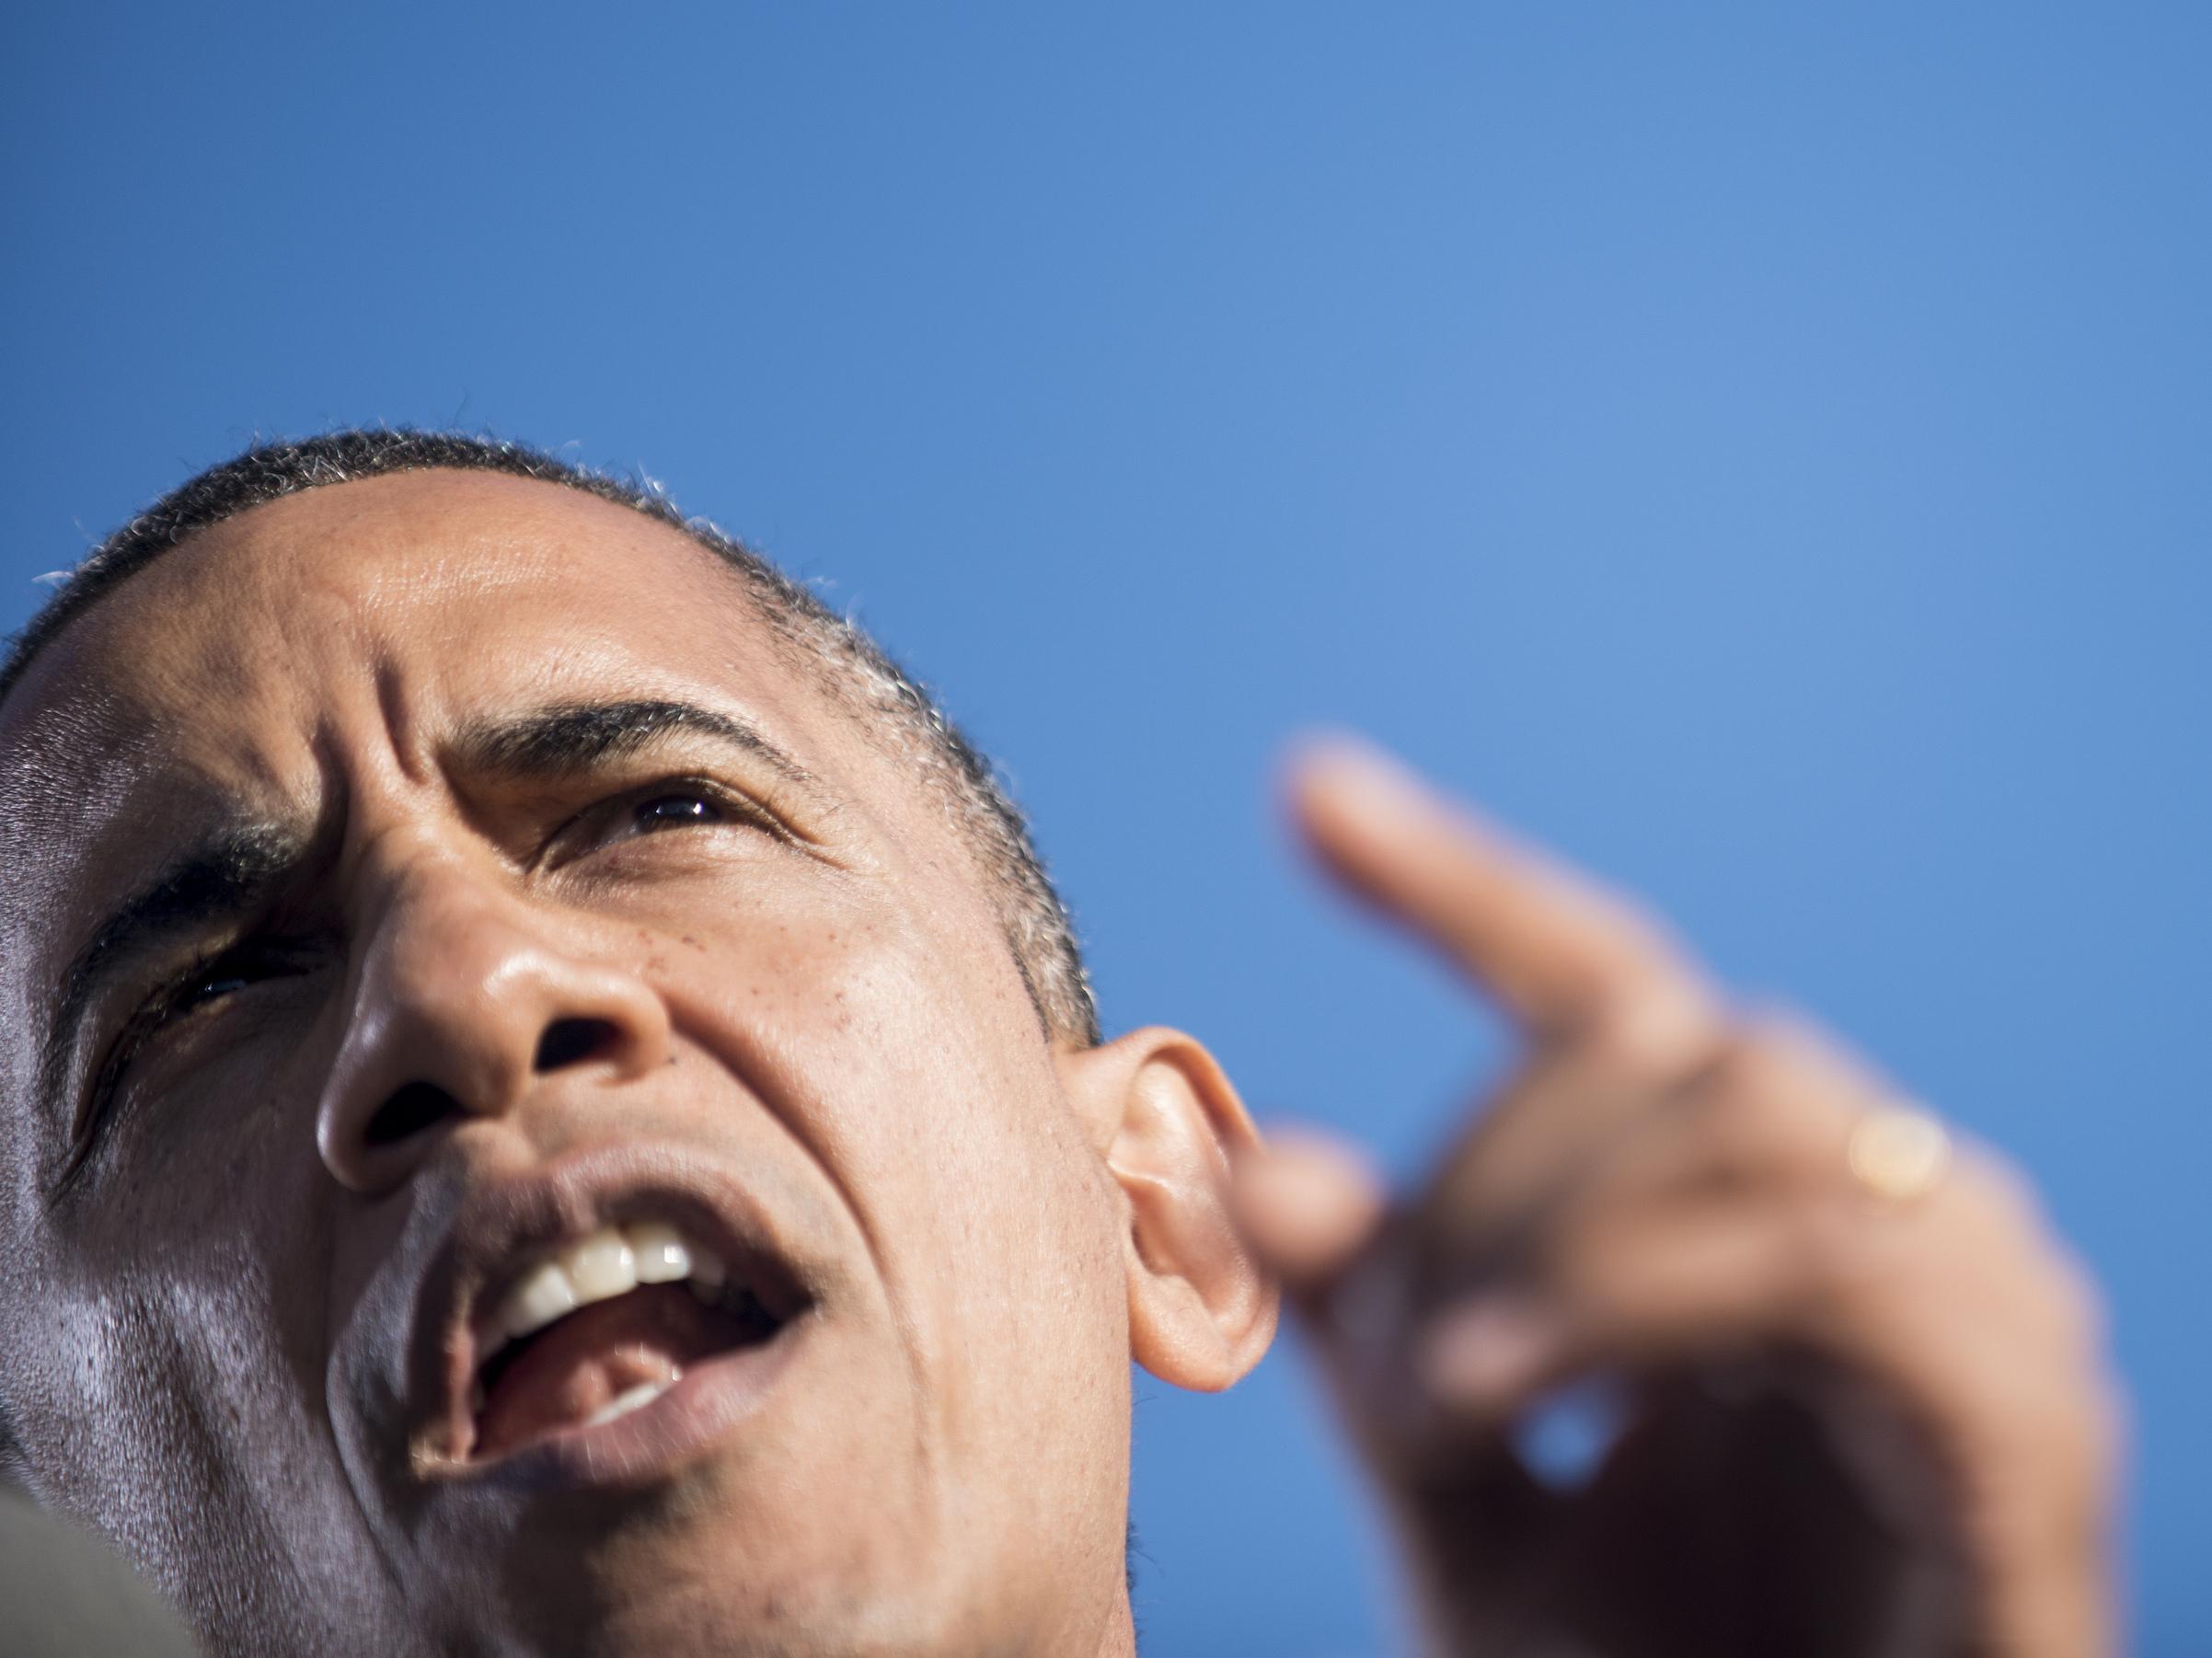 obama-corner-closeup-a0d02dc9ddc5b97e0e24397e683fc8142af7ec1d.jpg